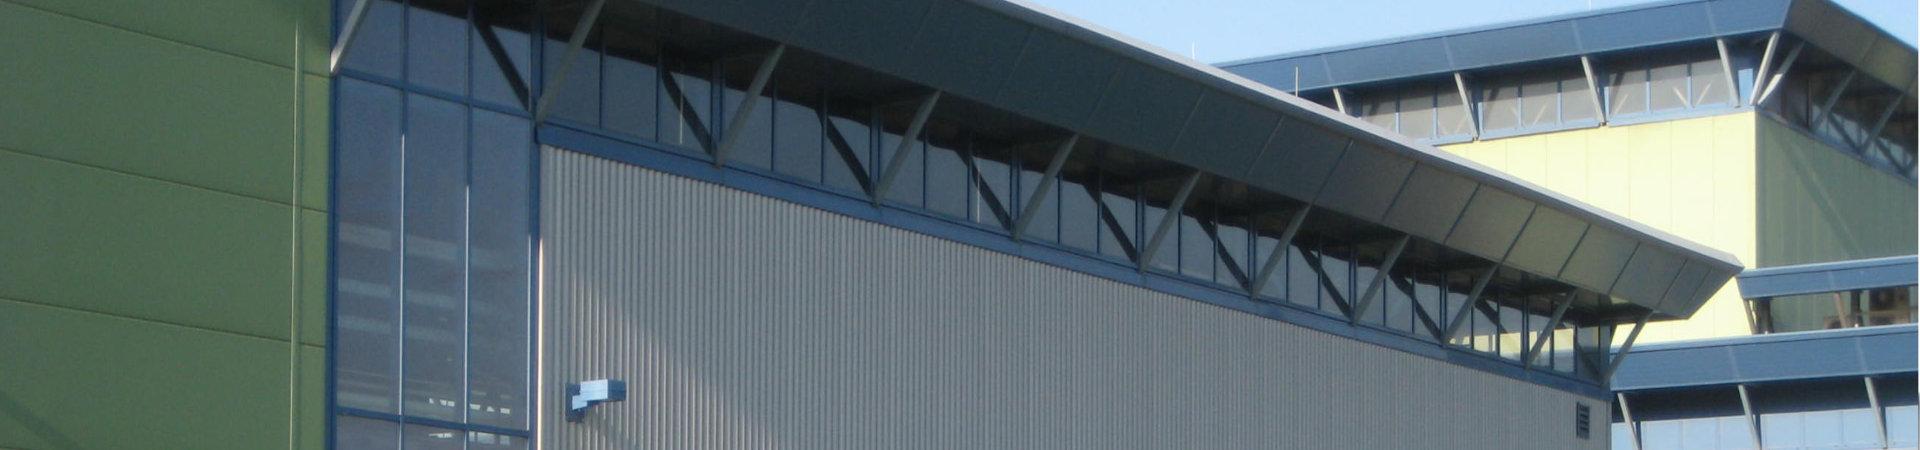 Ingenieurbüro Hammes - Viersen / Mönchengladbach - Neubau Hallen Stahl